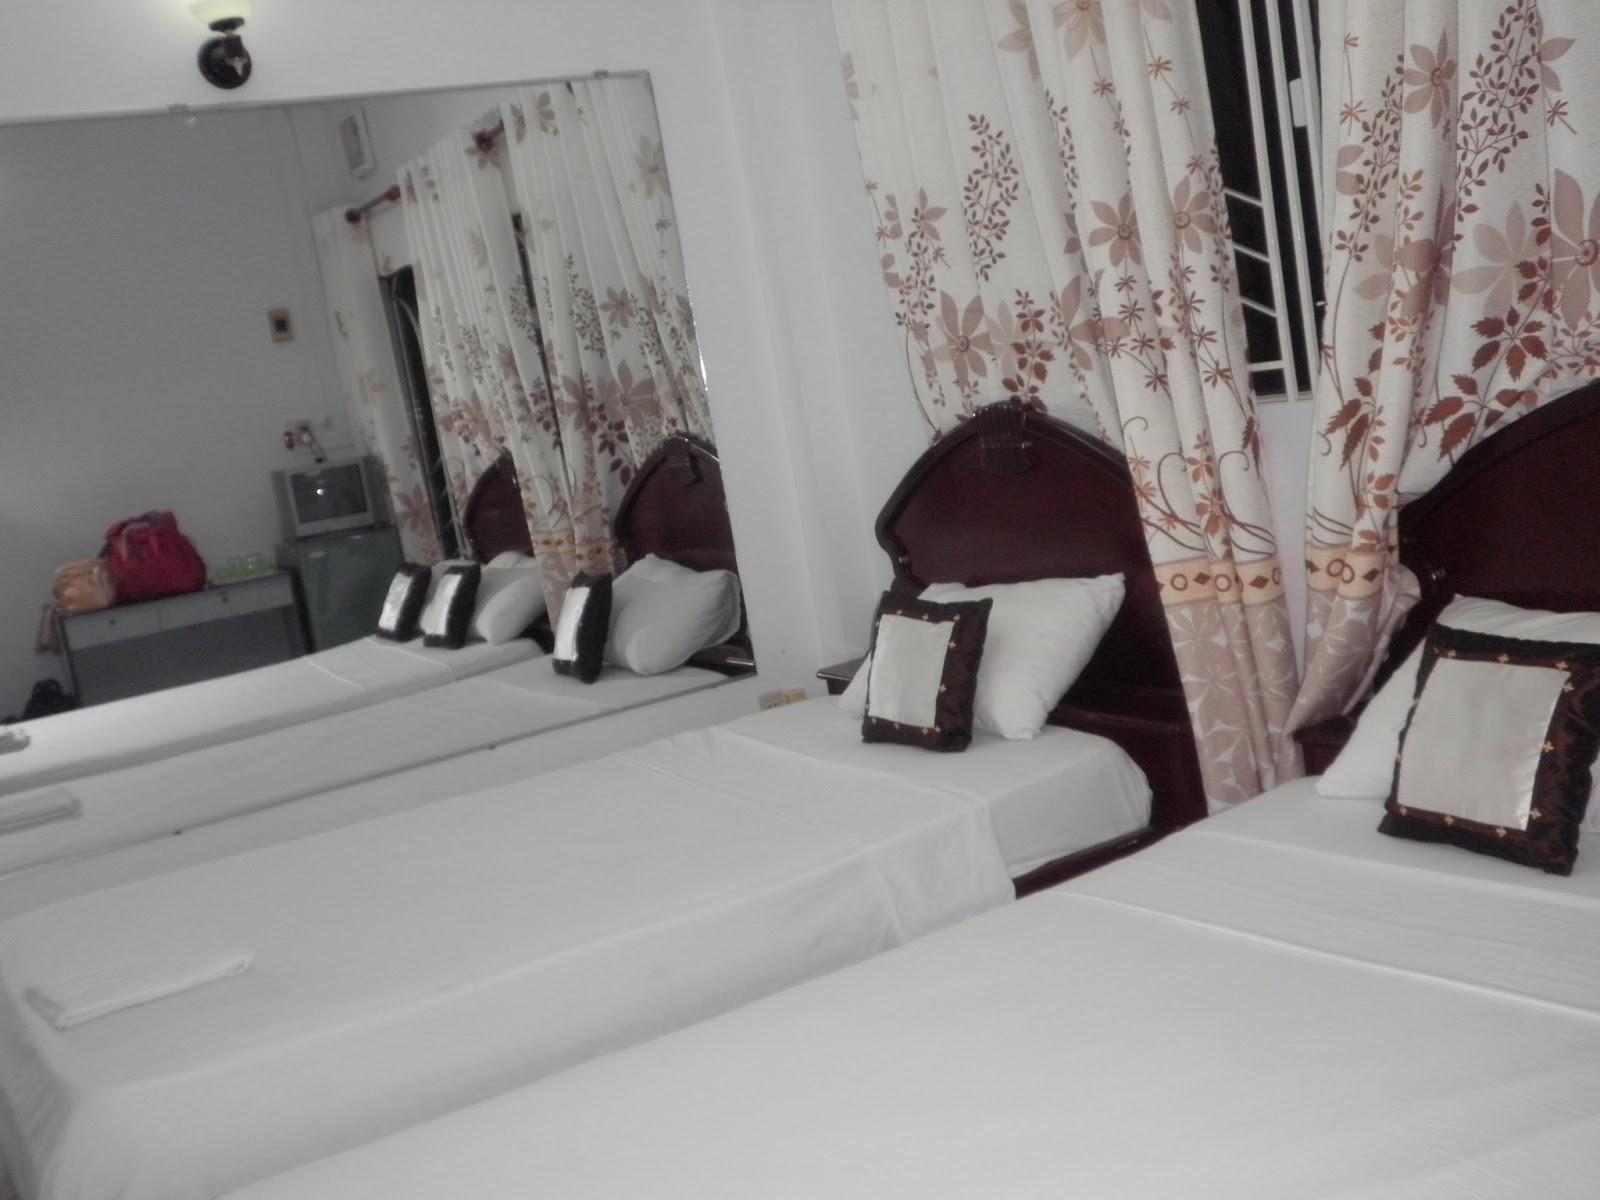 Long Hostel - Hotell och Boende i Vietnam , Ho Chi Minh City